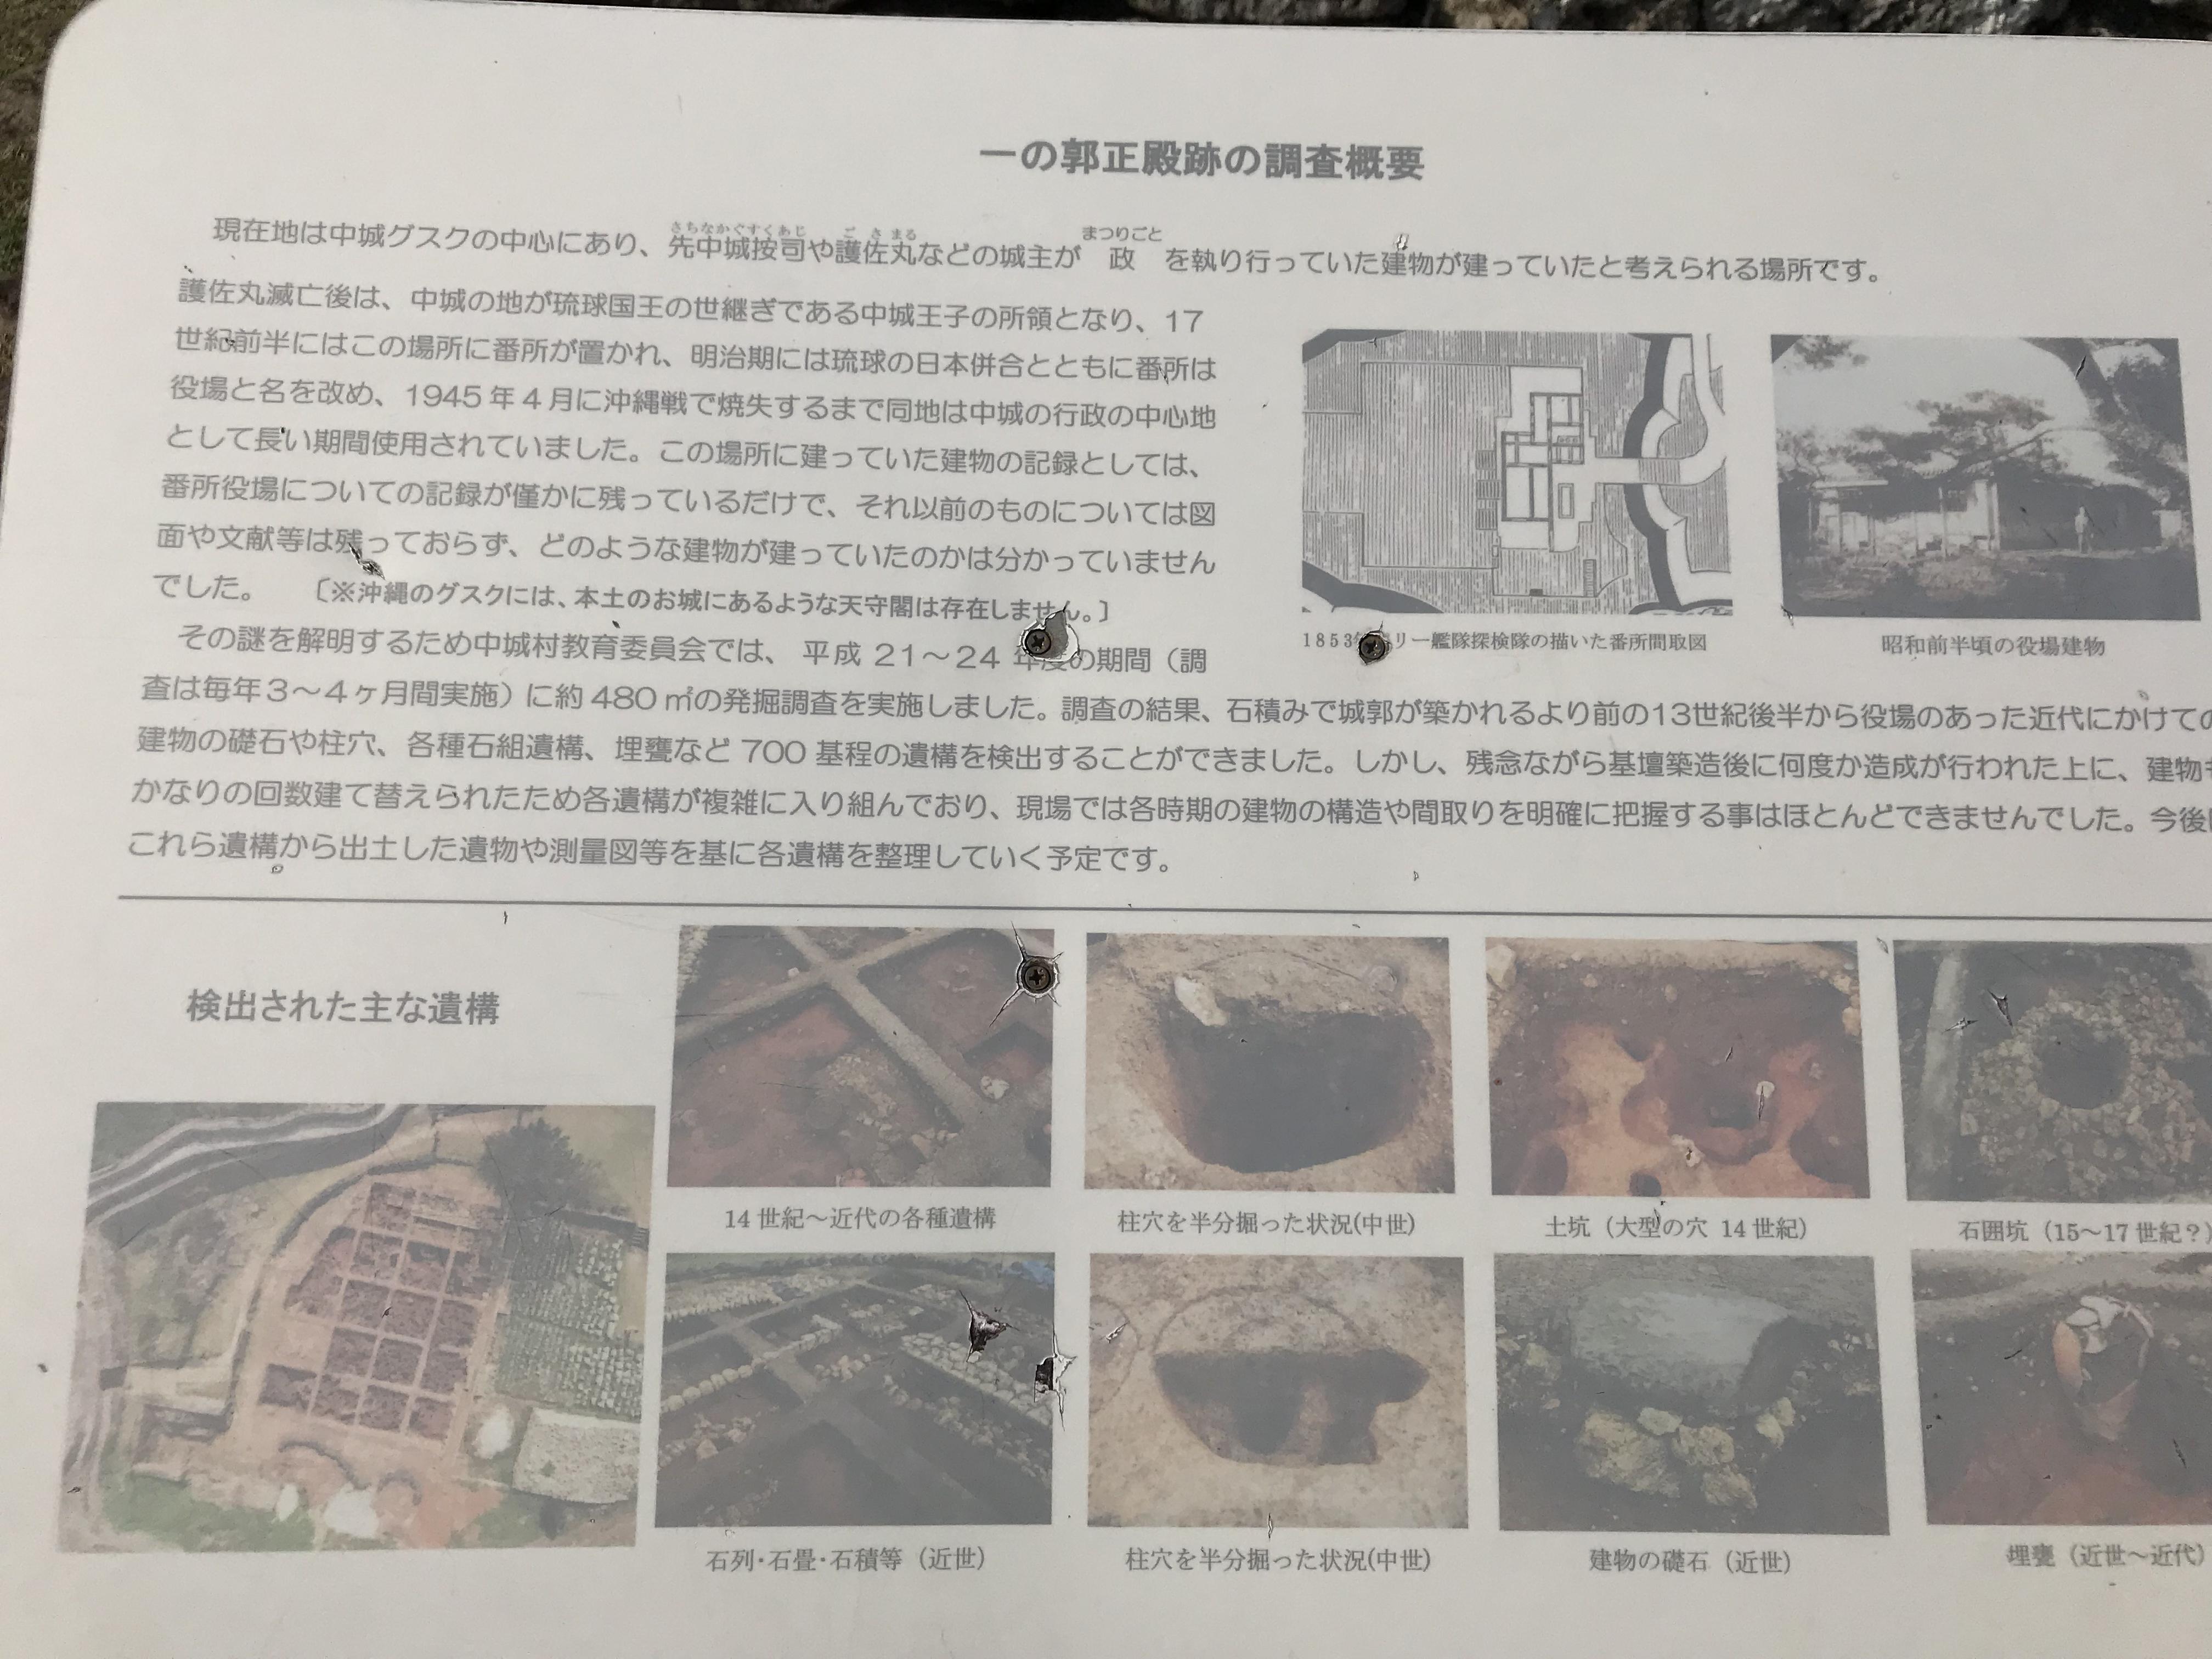 中城城跡の遺跡発掘についての説明掲示板